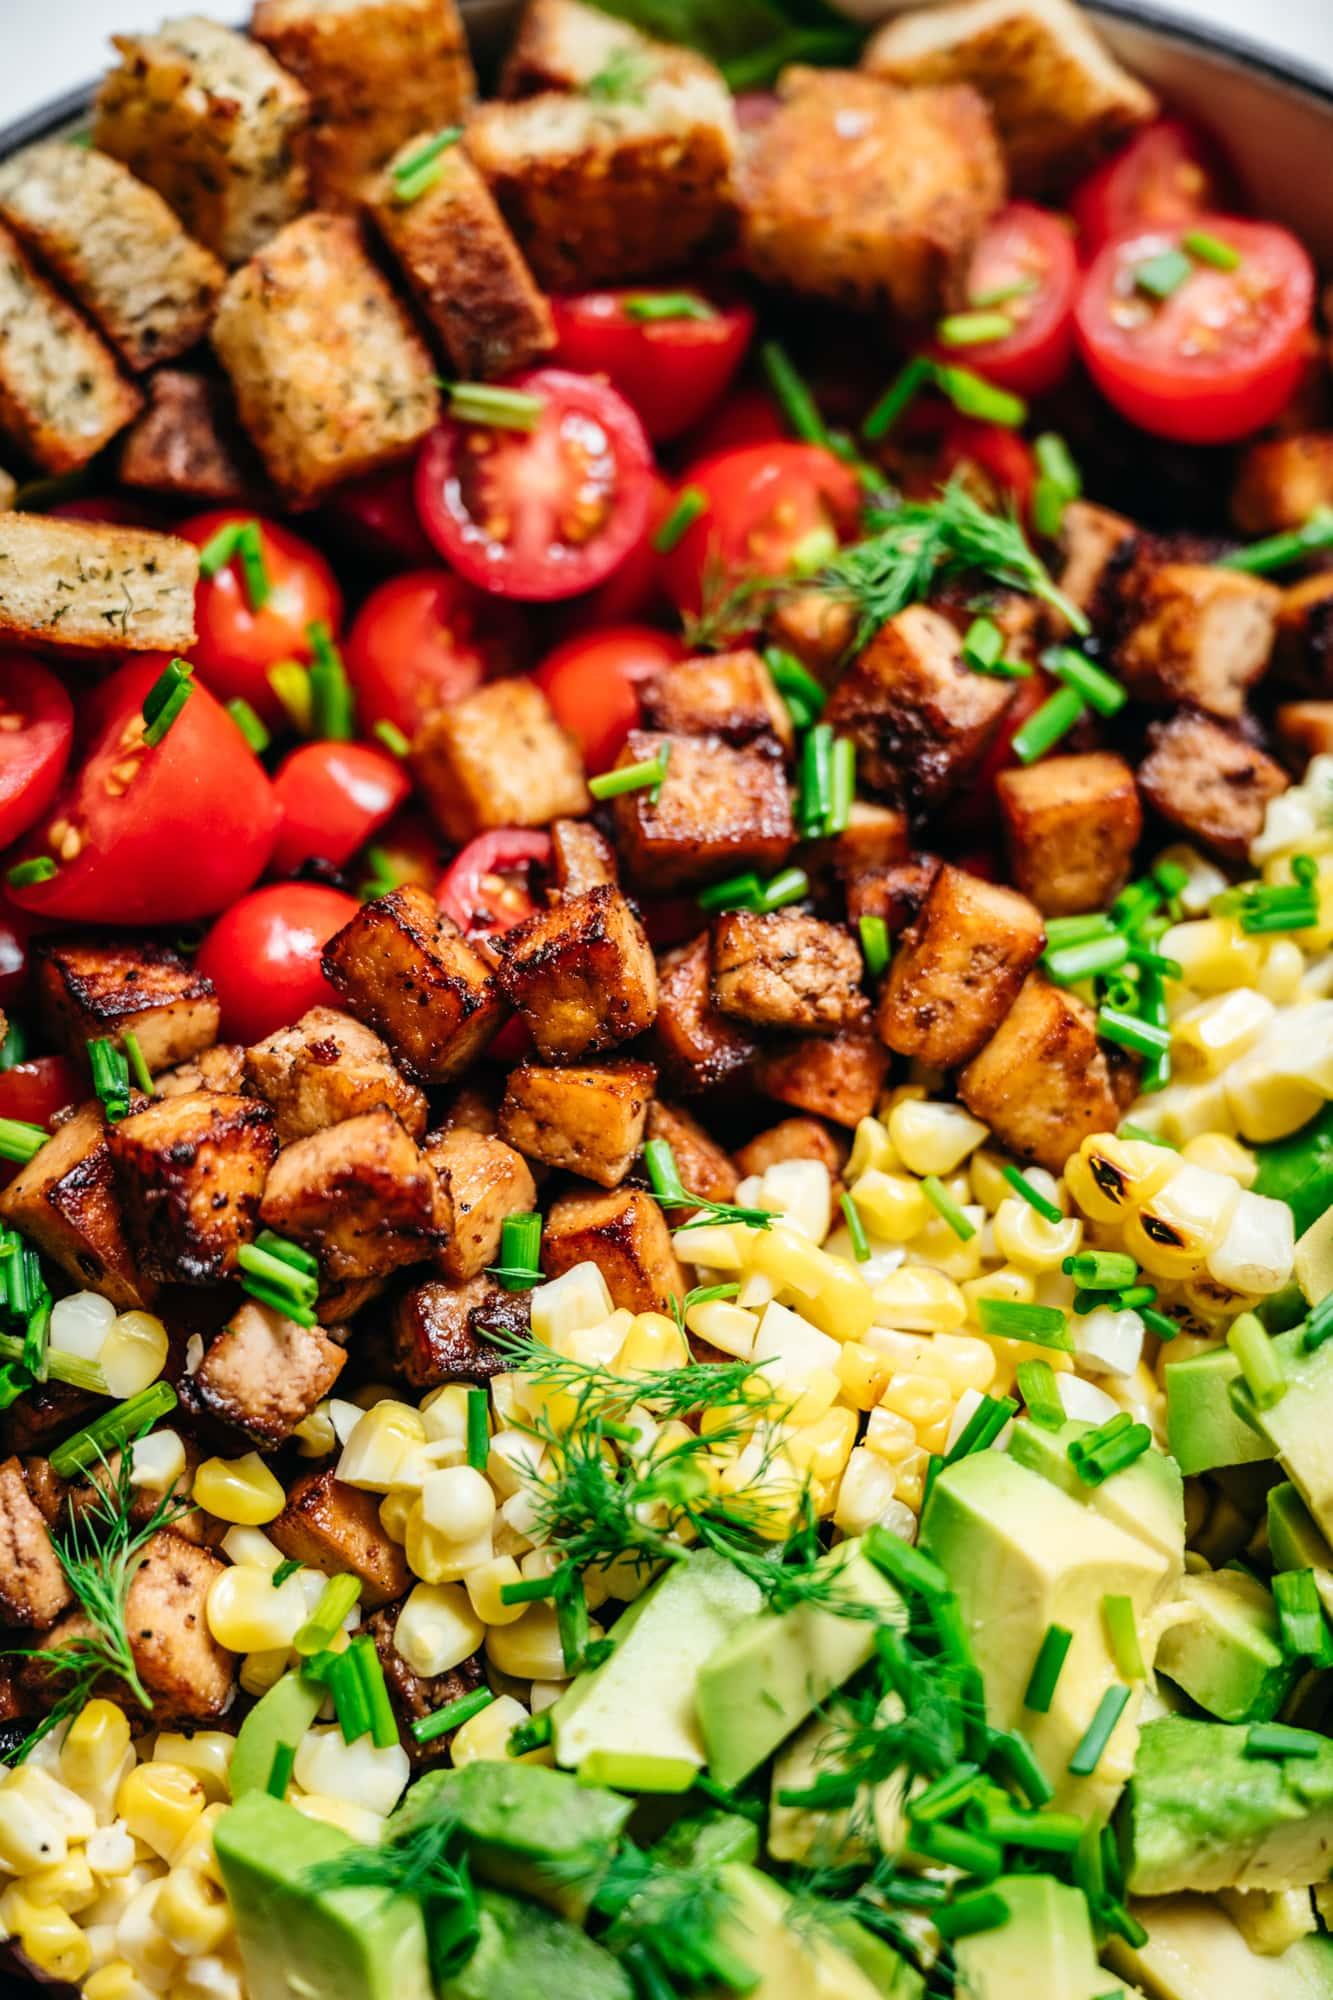 close up view of vegan blt salad